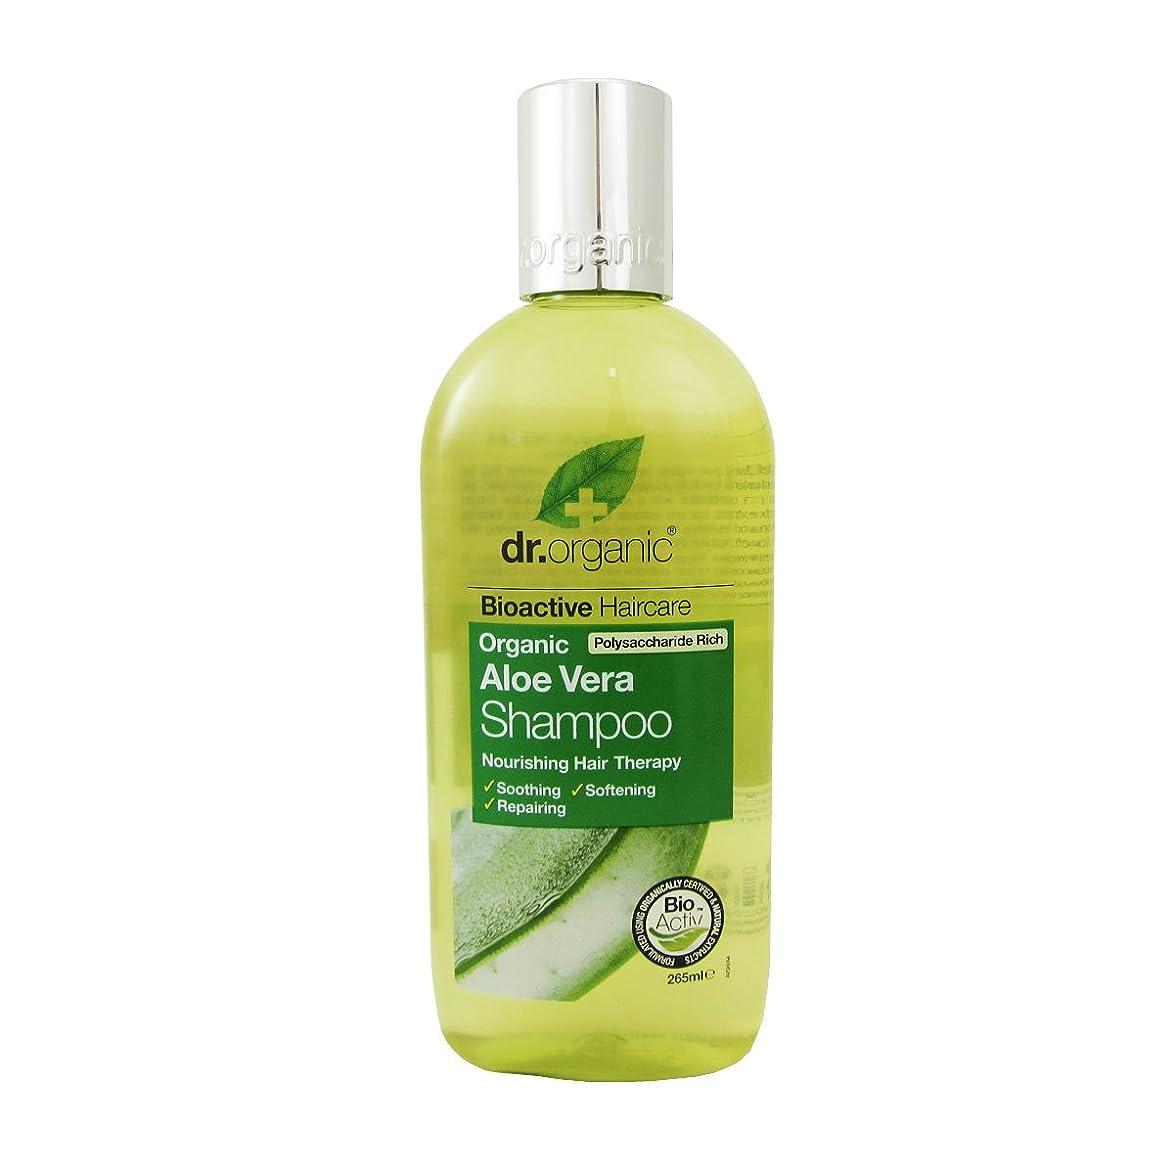 化学薬品にぎやか壊れたDr.organic Organic Aloe Vera Shampoo 265ml [並行輸入品]